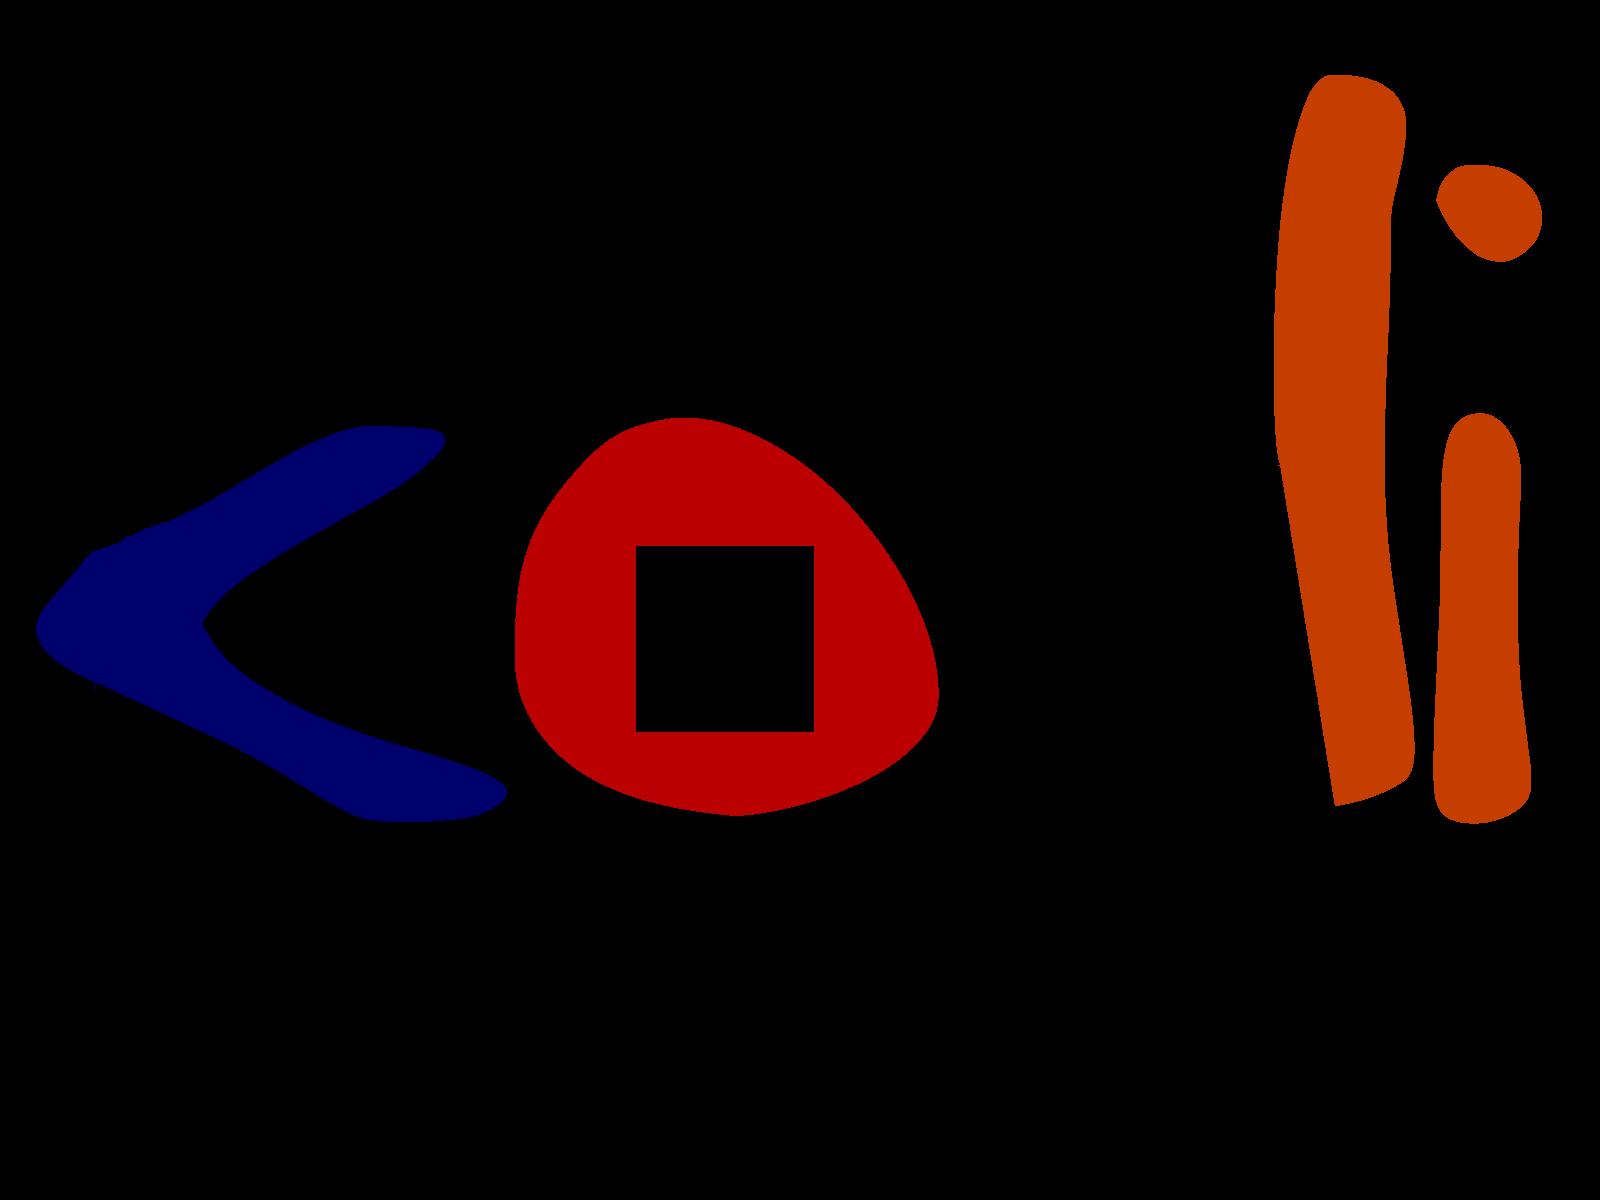 Kodi logo suggestions and ideas.